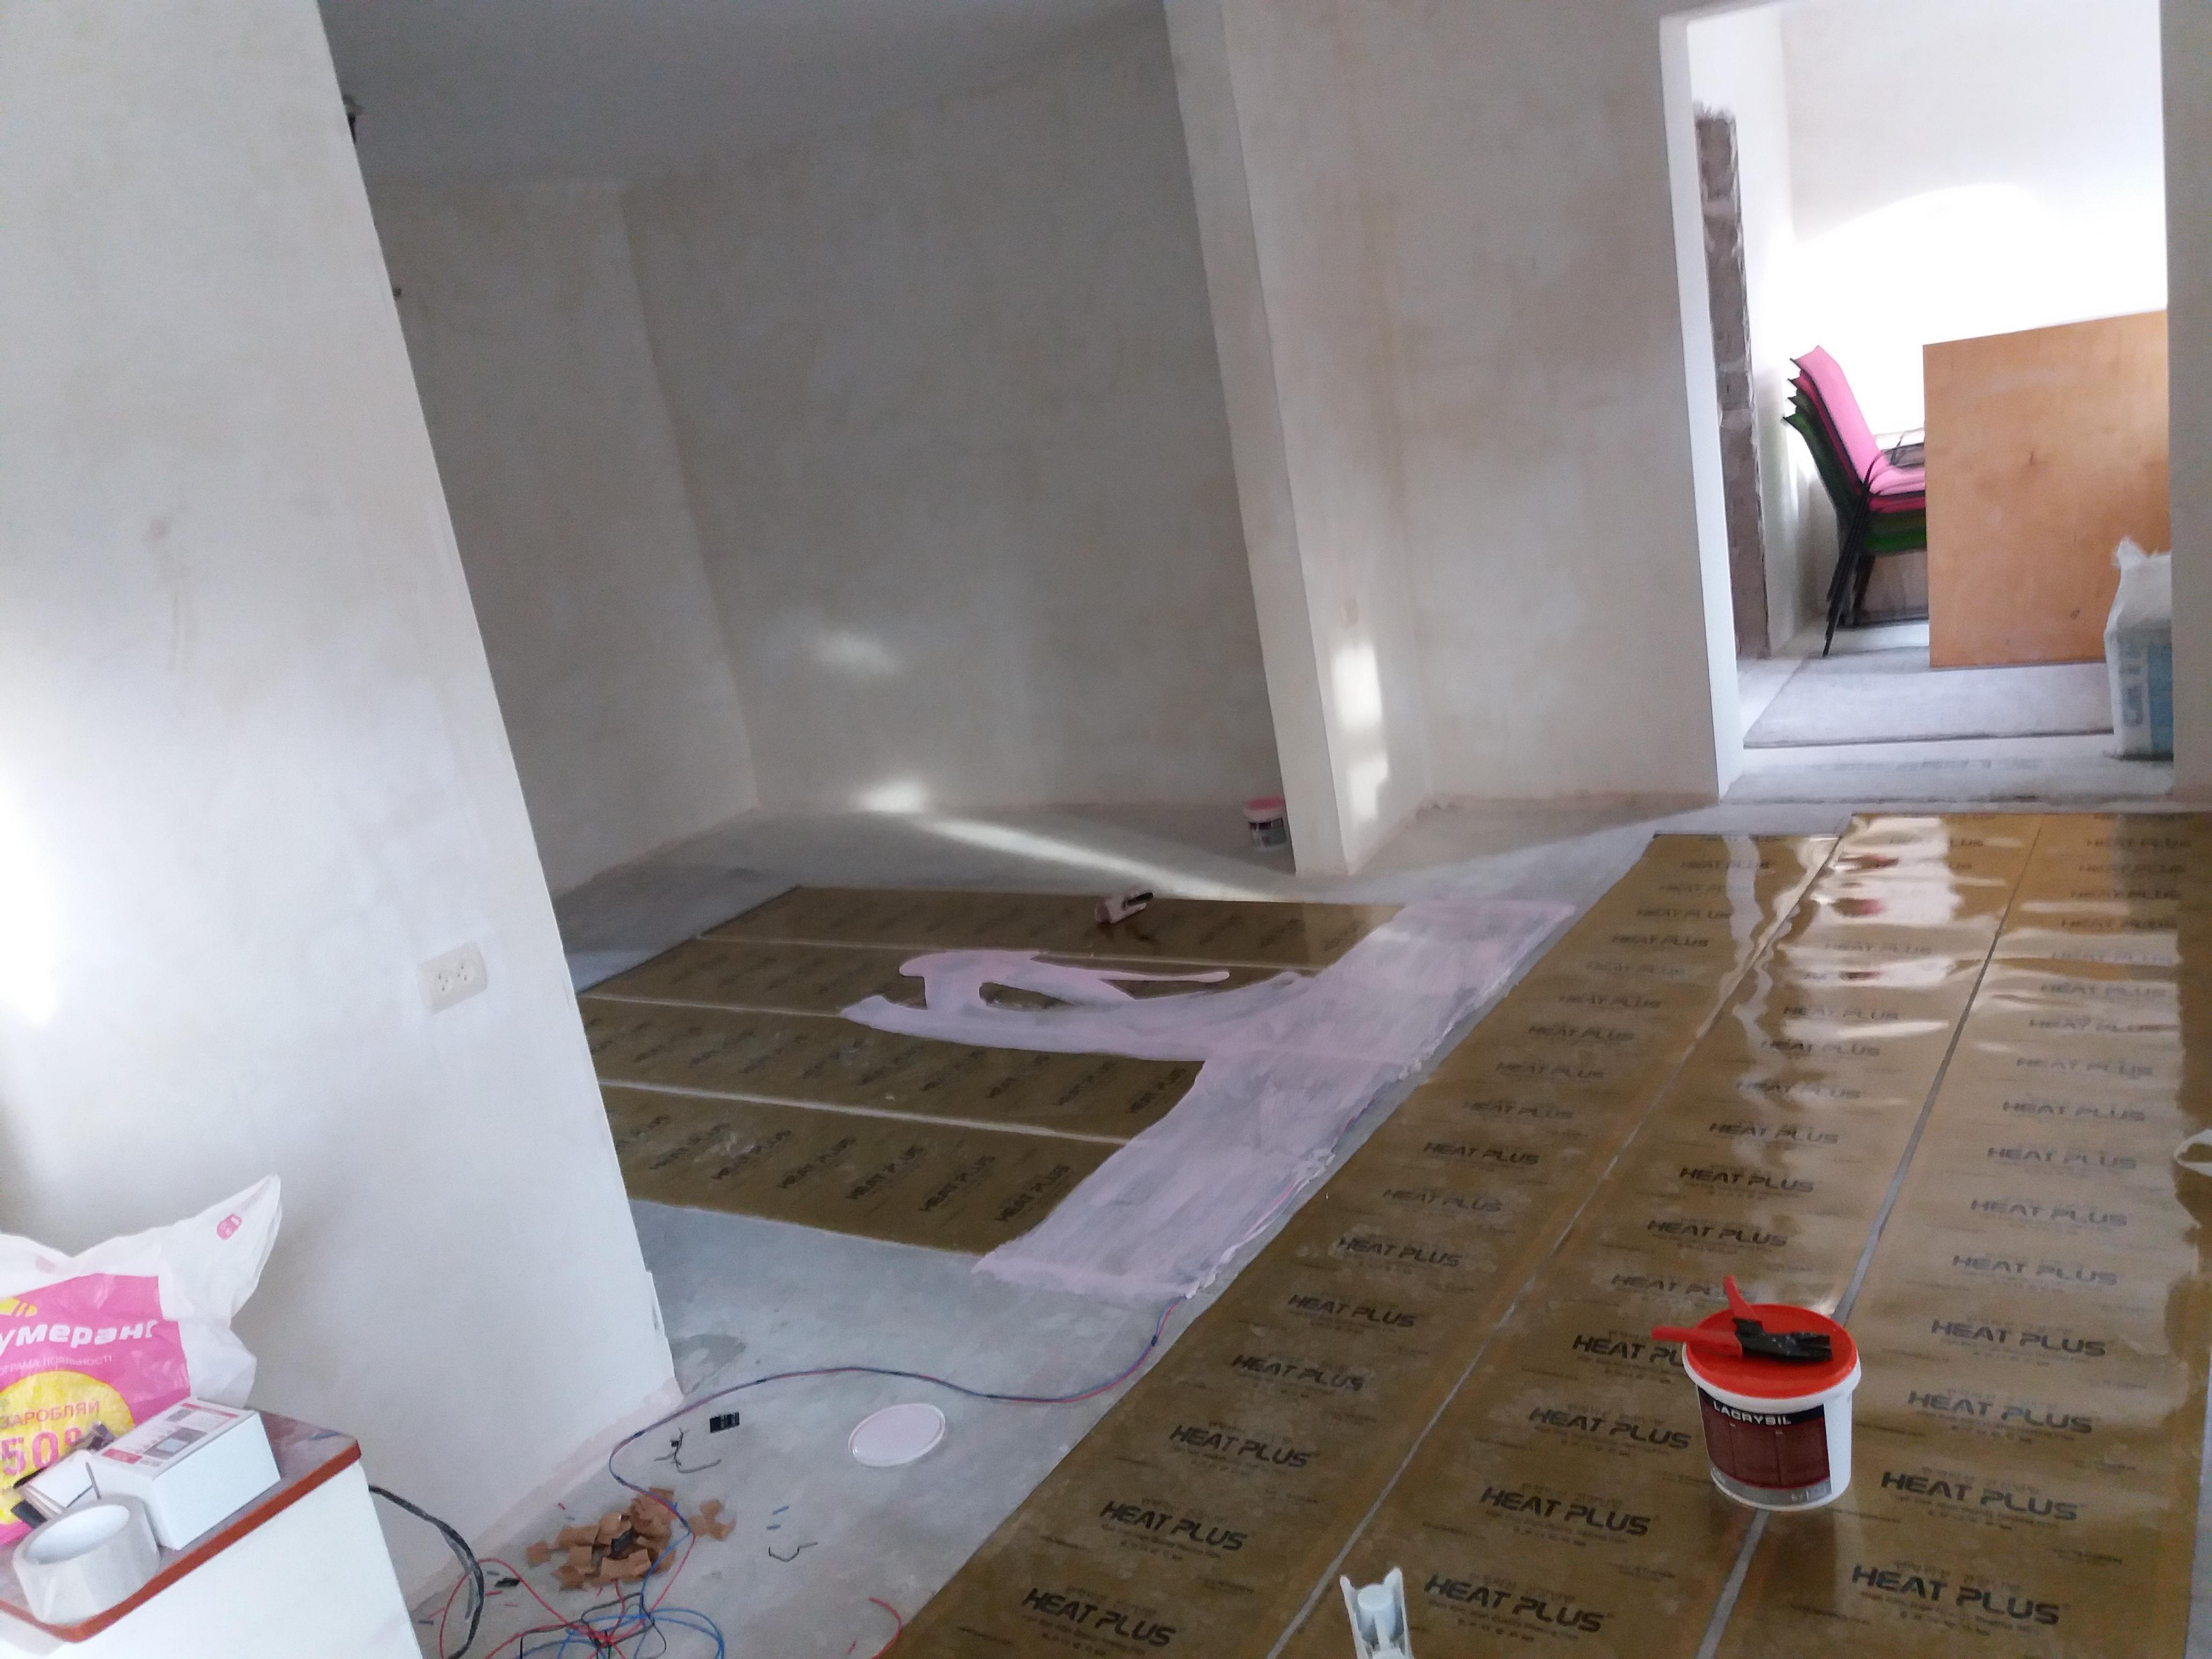 Фото Установка пленочного теплого пола под плитку с. Процев, часный дом, как основное отопление. Установка 19,8м2 один день